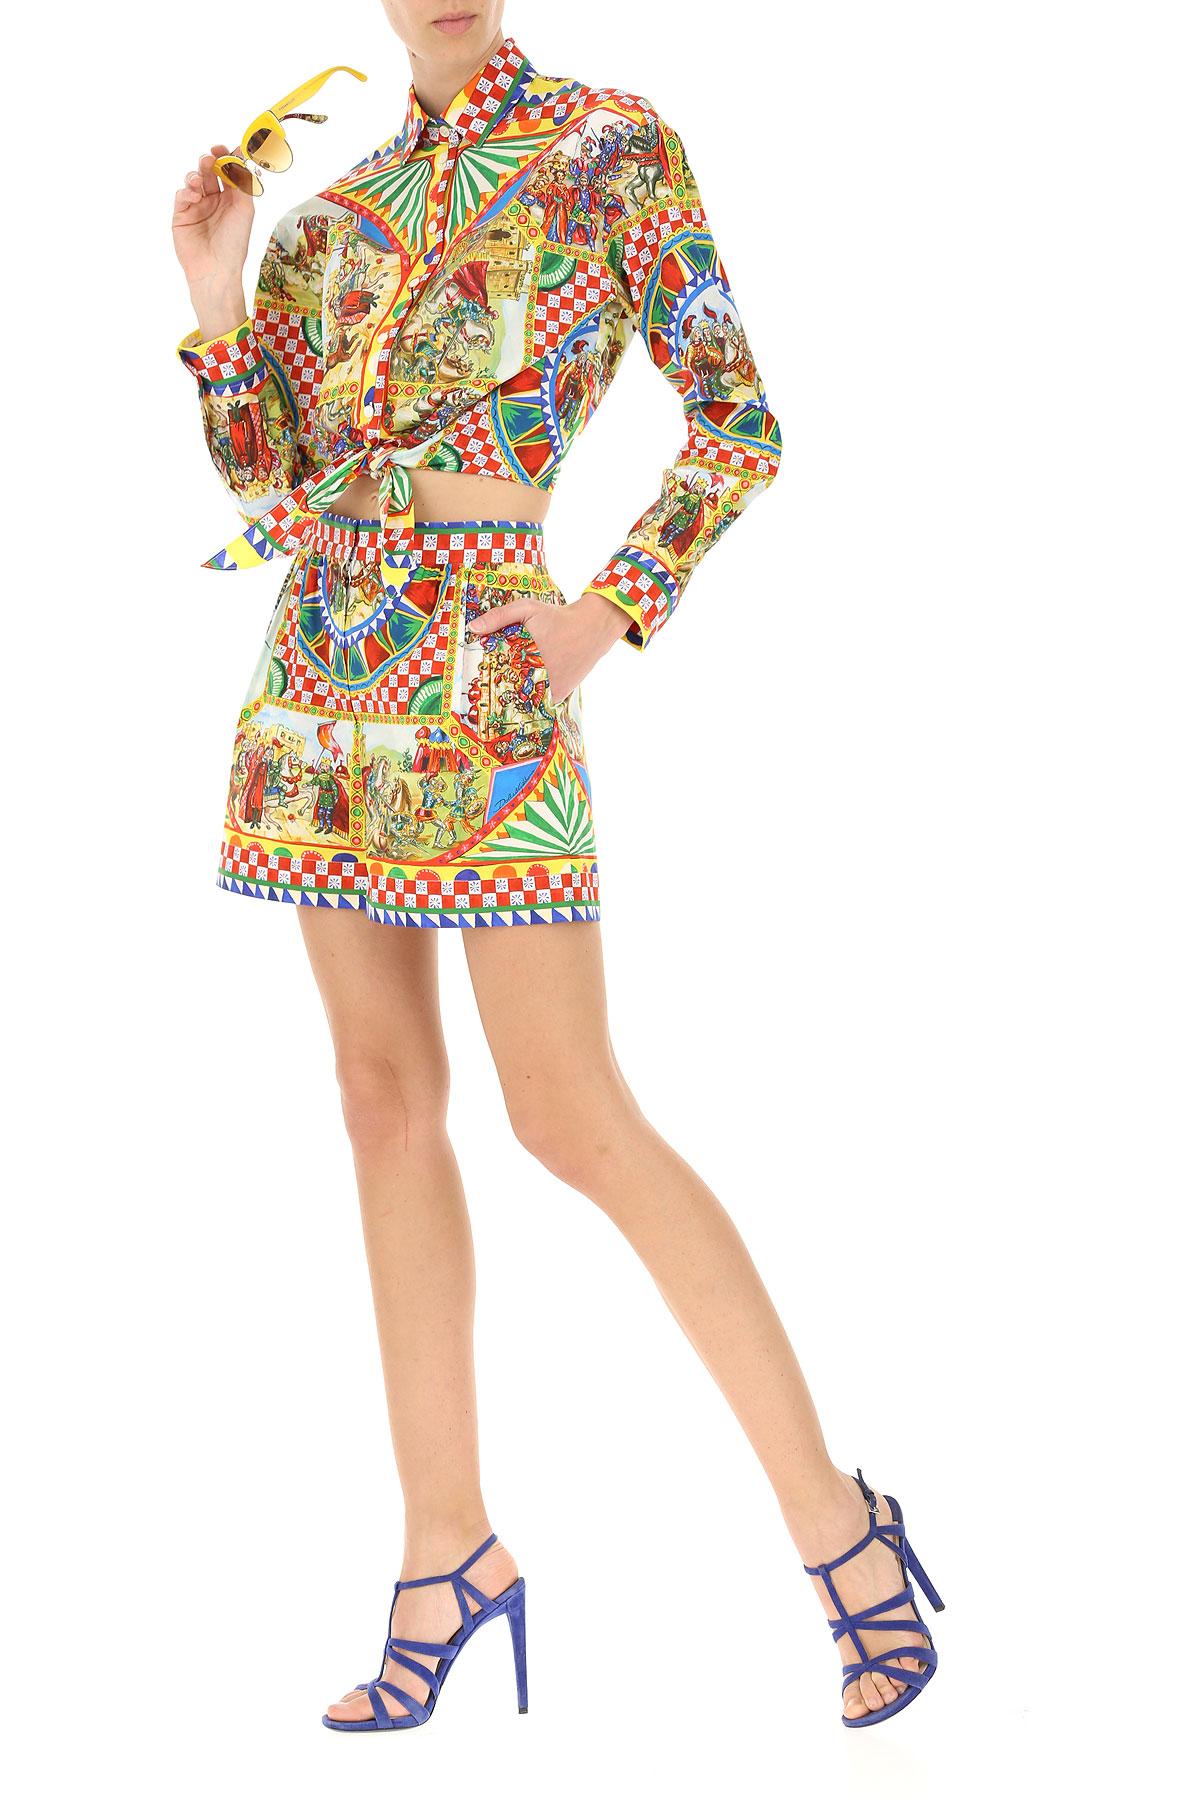 nbsp; Primavera Mujer Gabbana amp; 2019 Para verano Dolce Multicolor Ropa xSCzqnSp